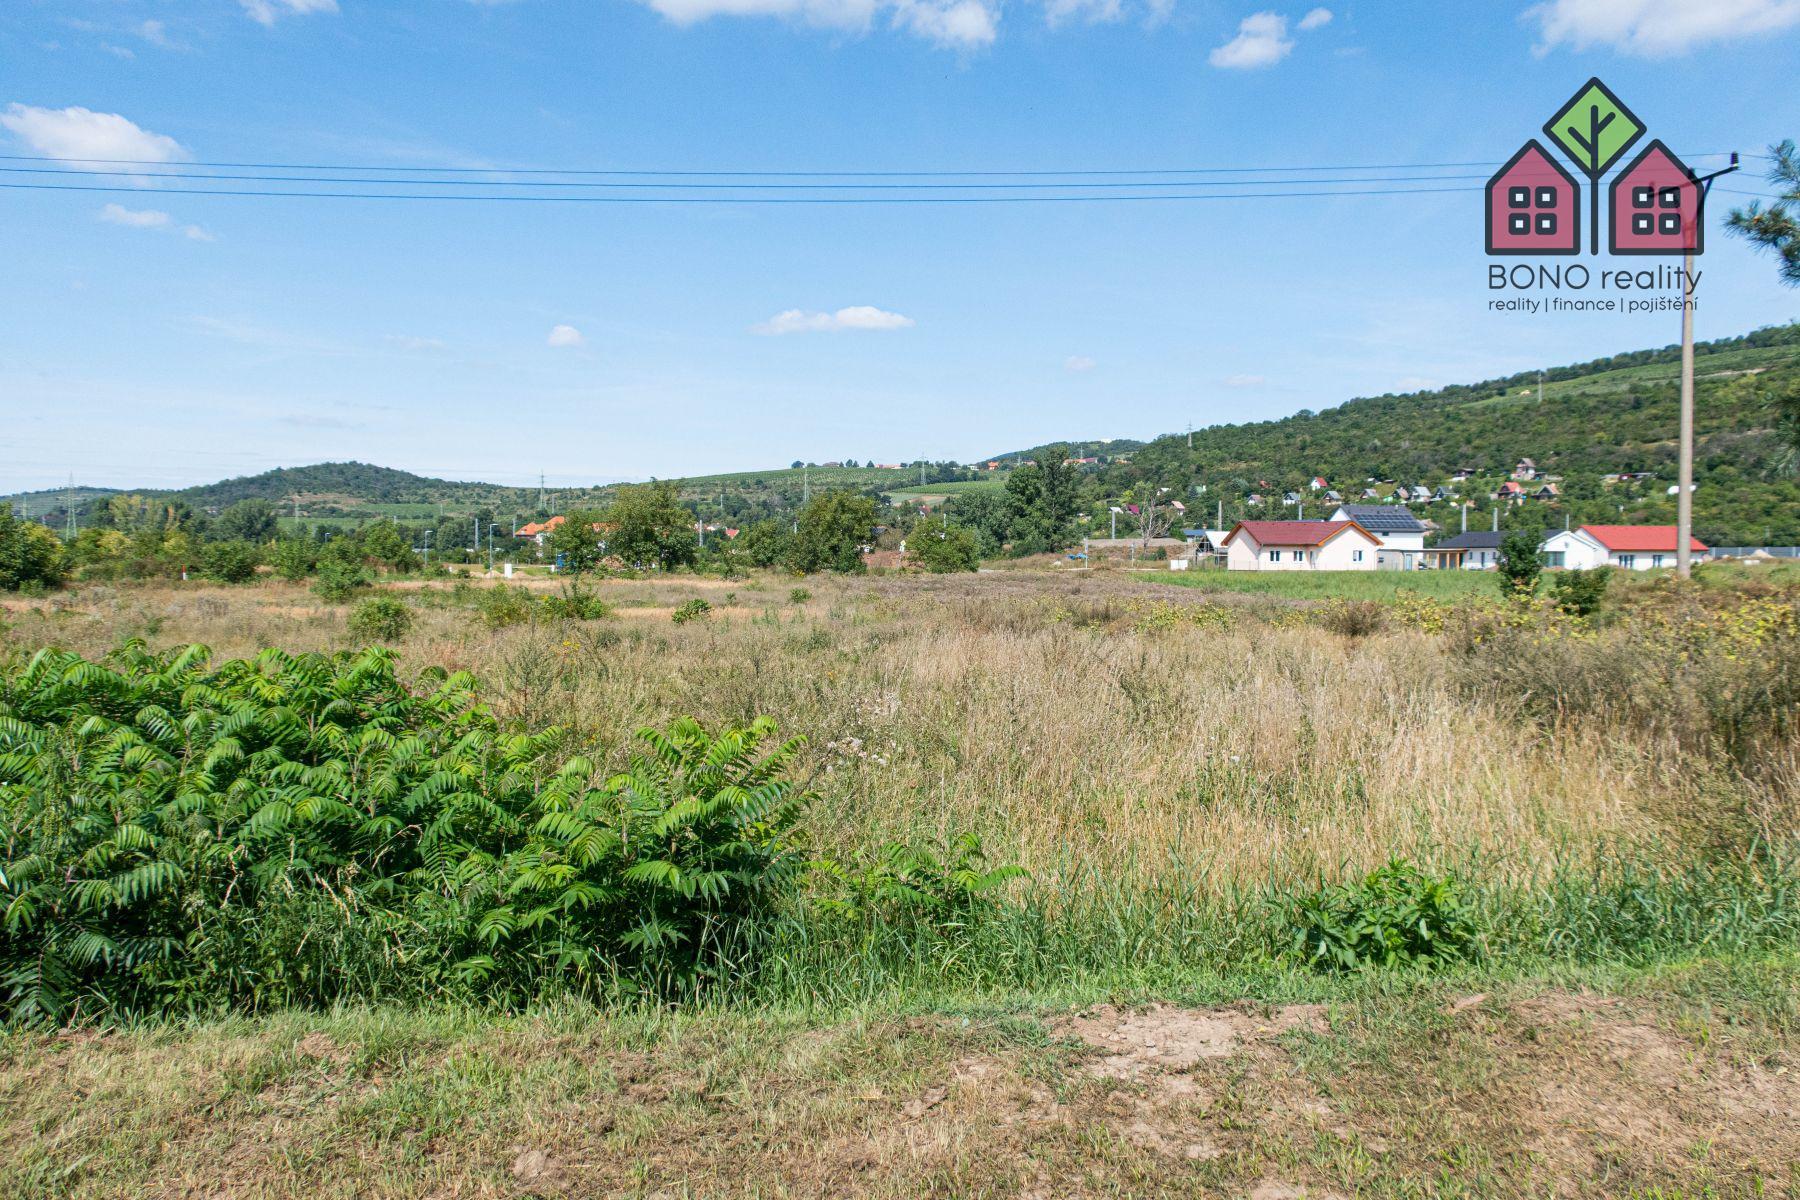 Stavební pozemek 3934 m2, inženýrské sítě, projekt pro výstavbu BD, okres Litoměřice, obec Píšťany